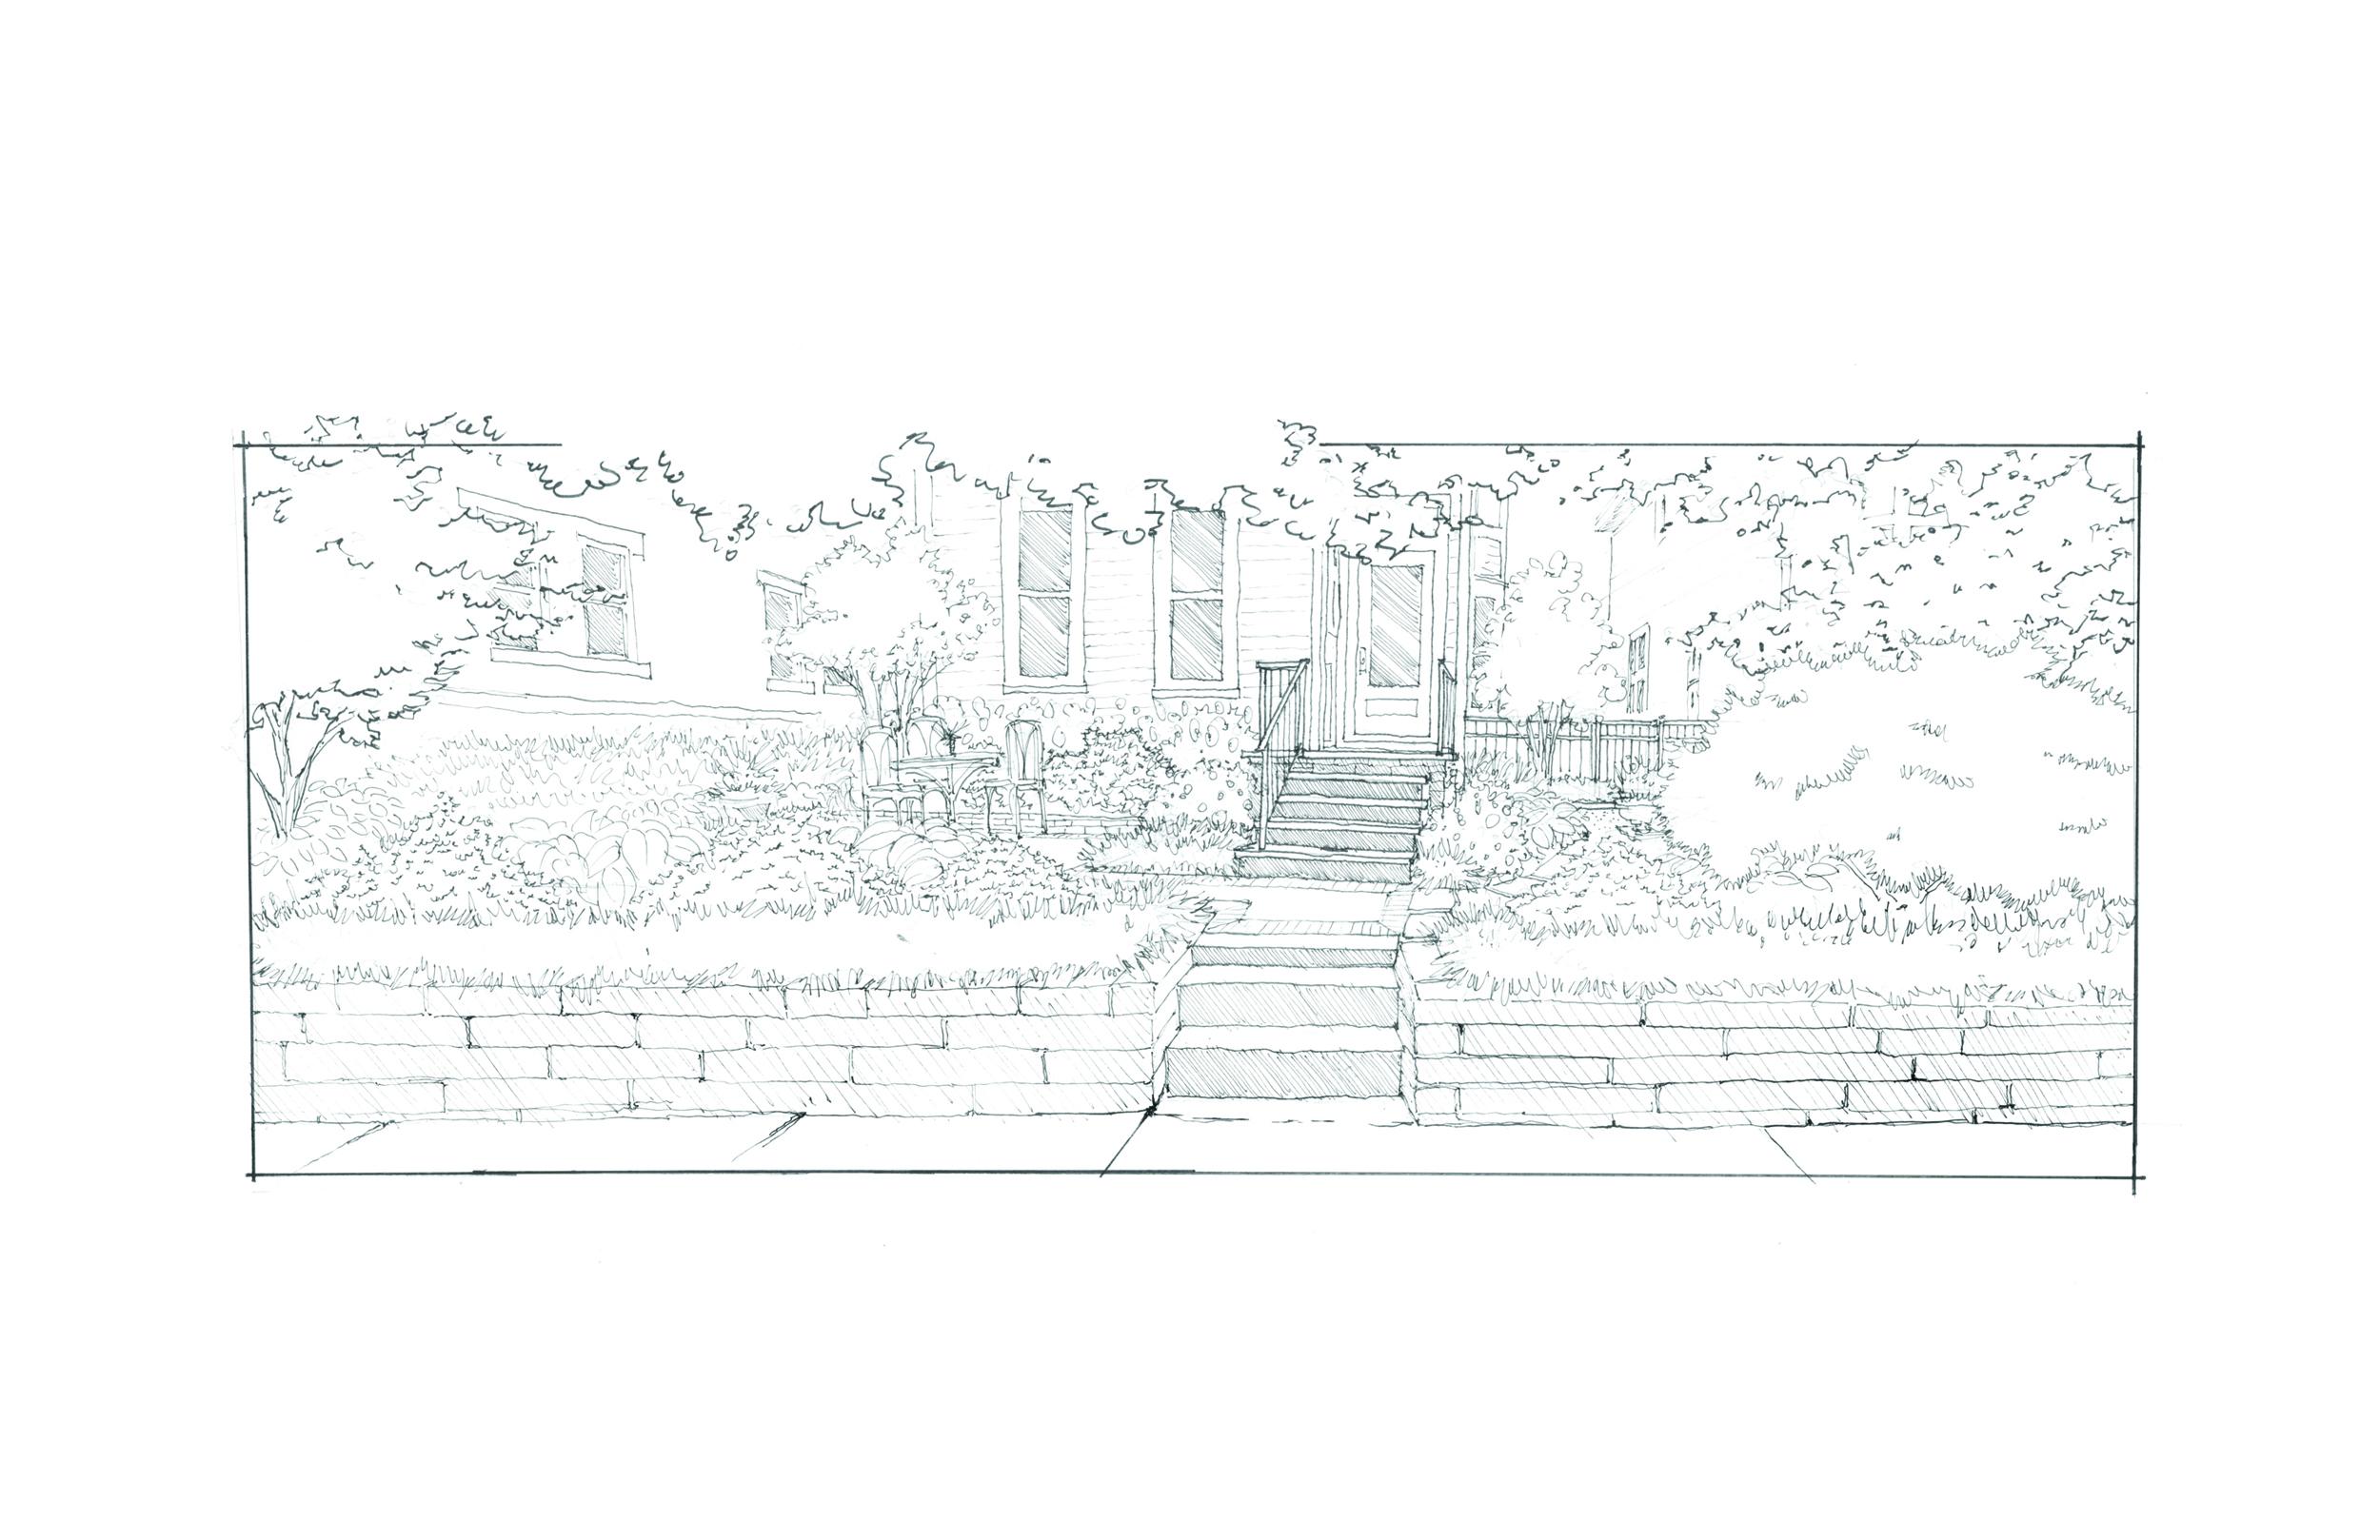 1 McBride-Wooster Front Perspective Sketch.jpg